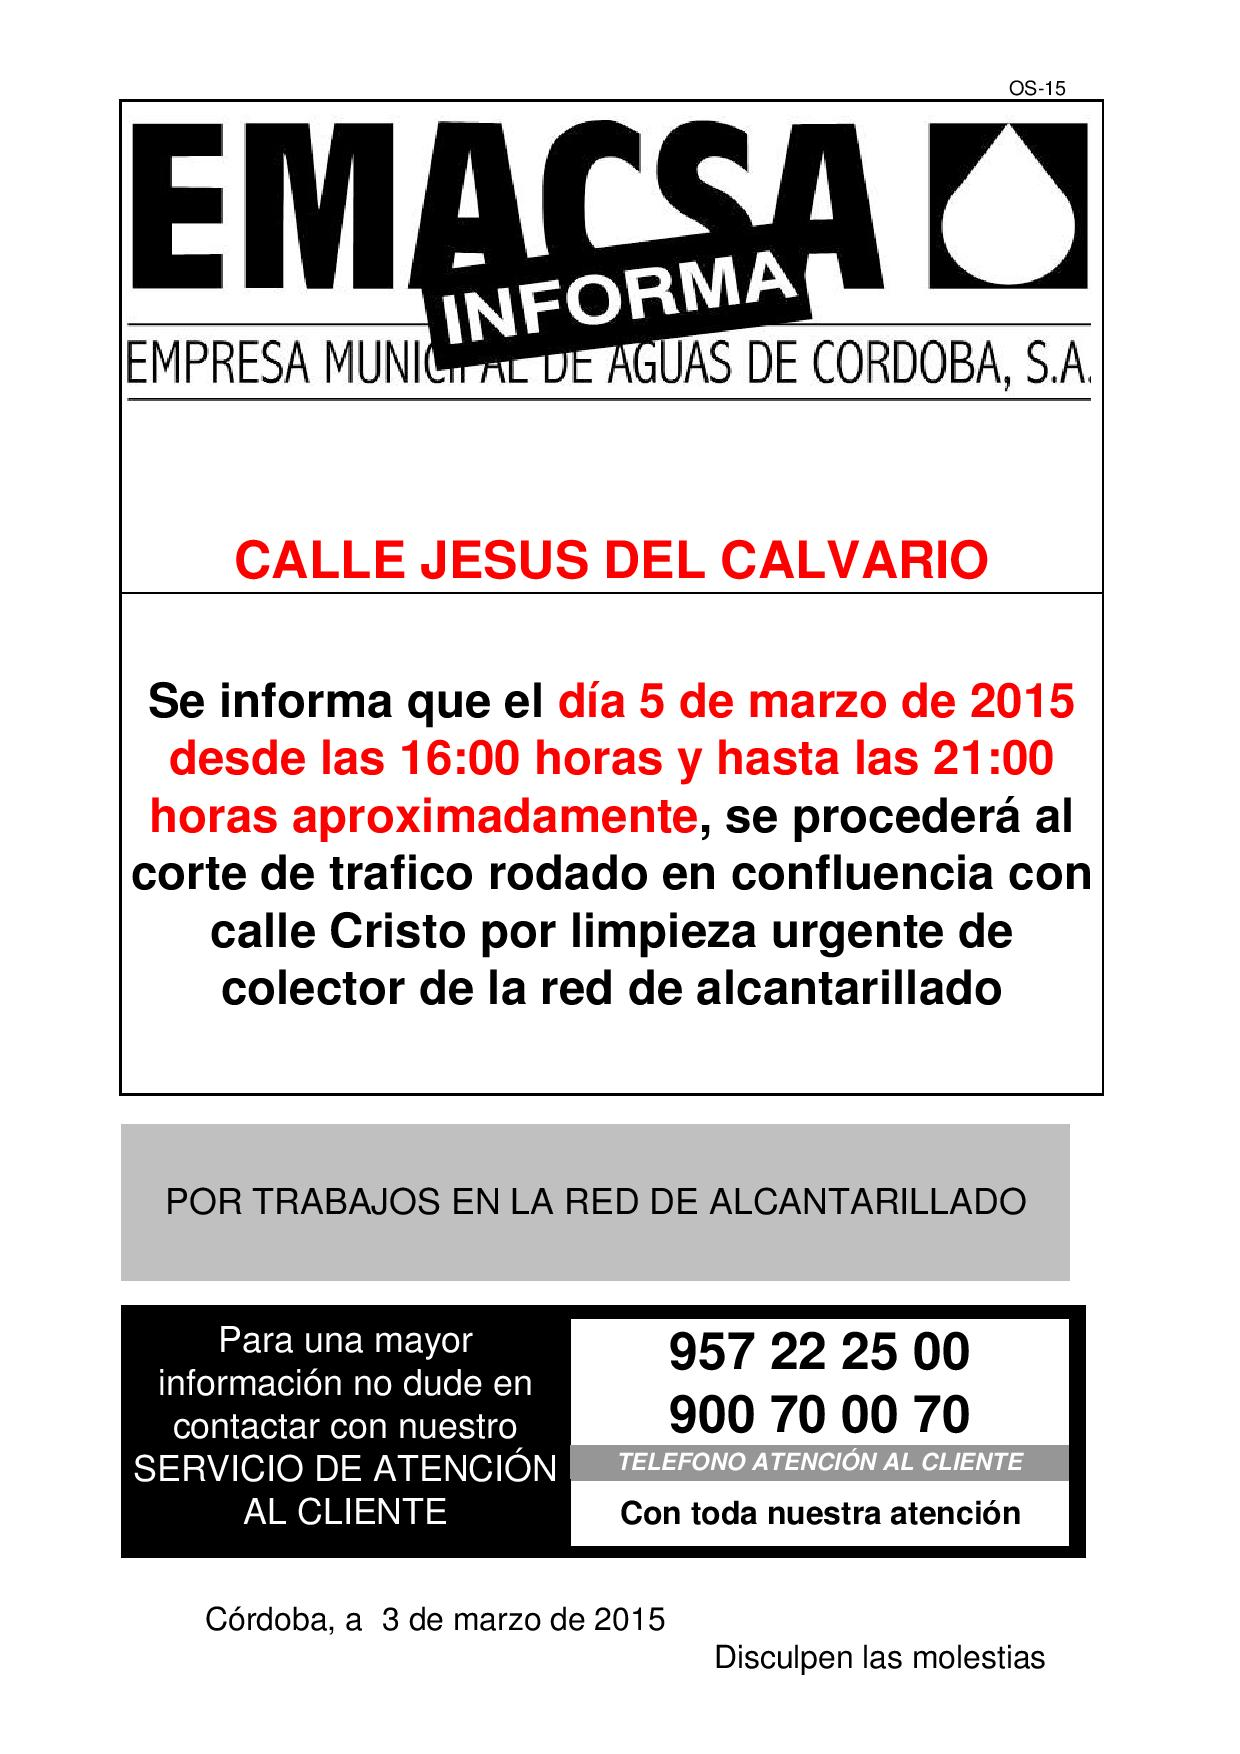 JESUS DEL CALVARIO